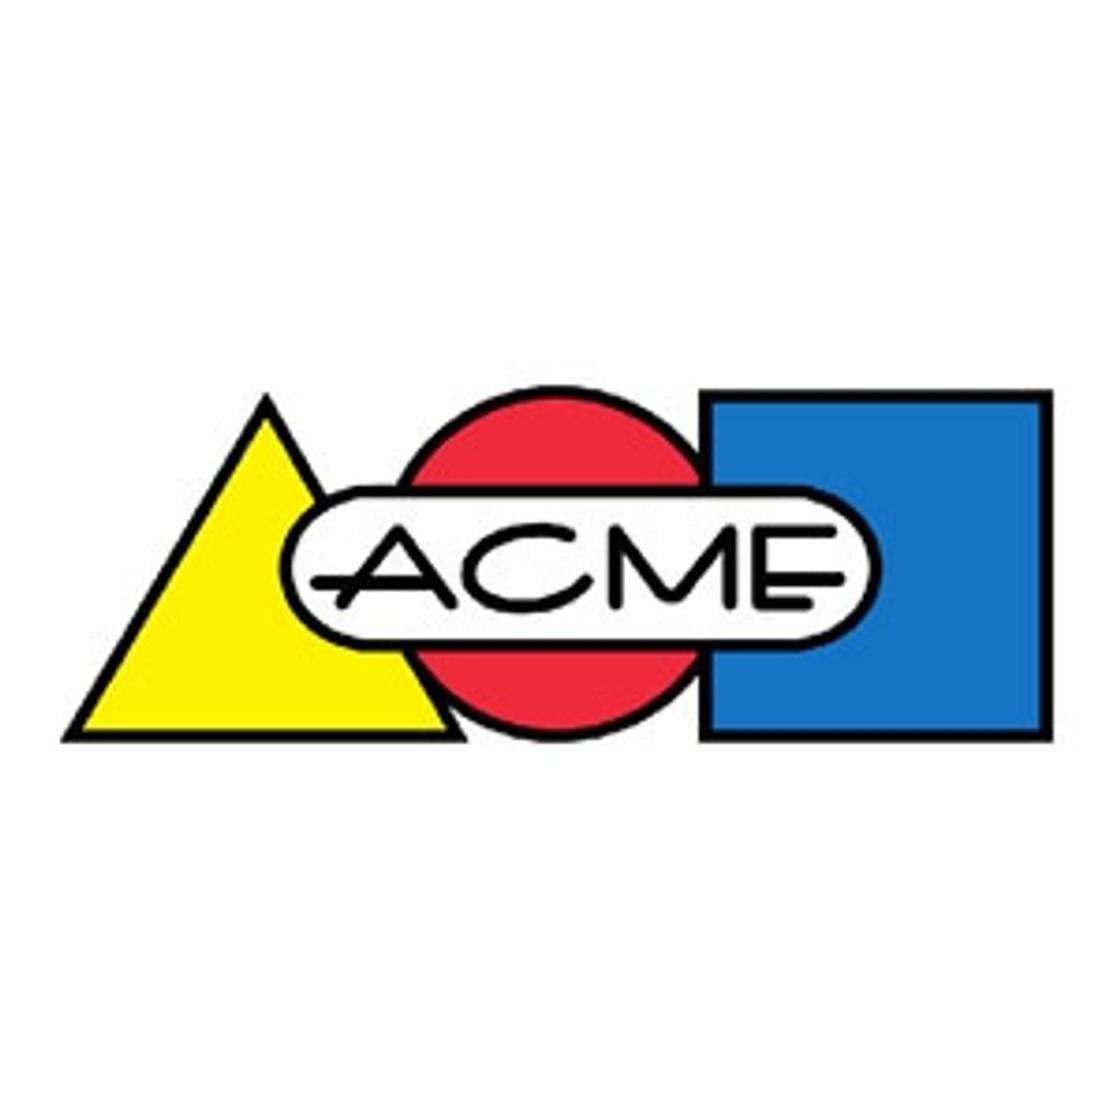 ACME Studios